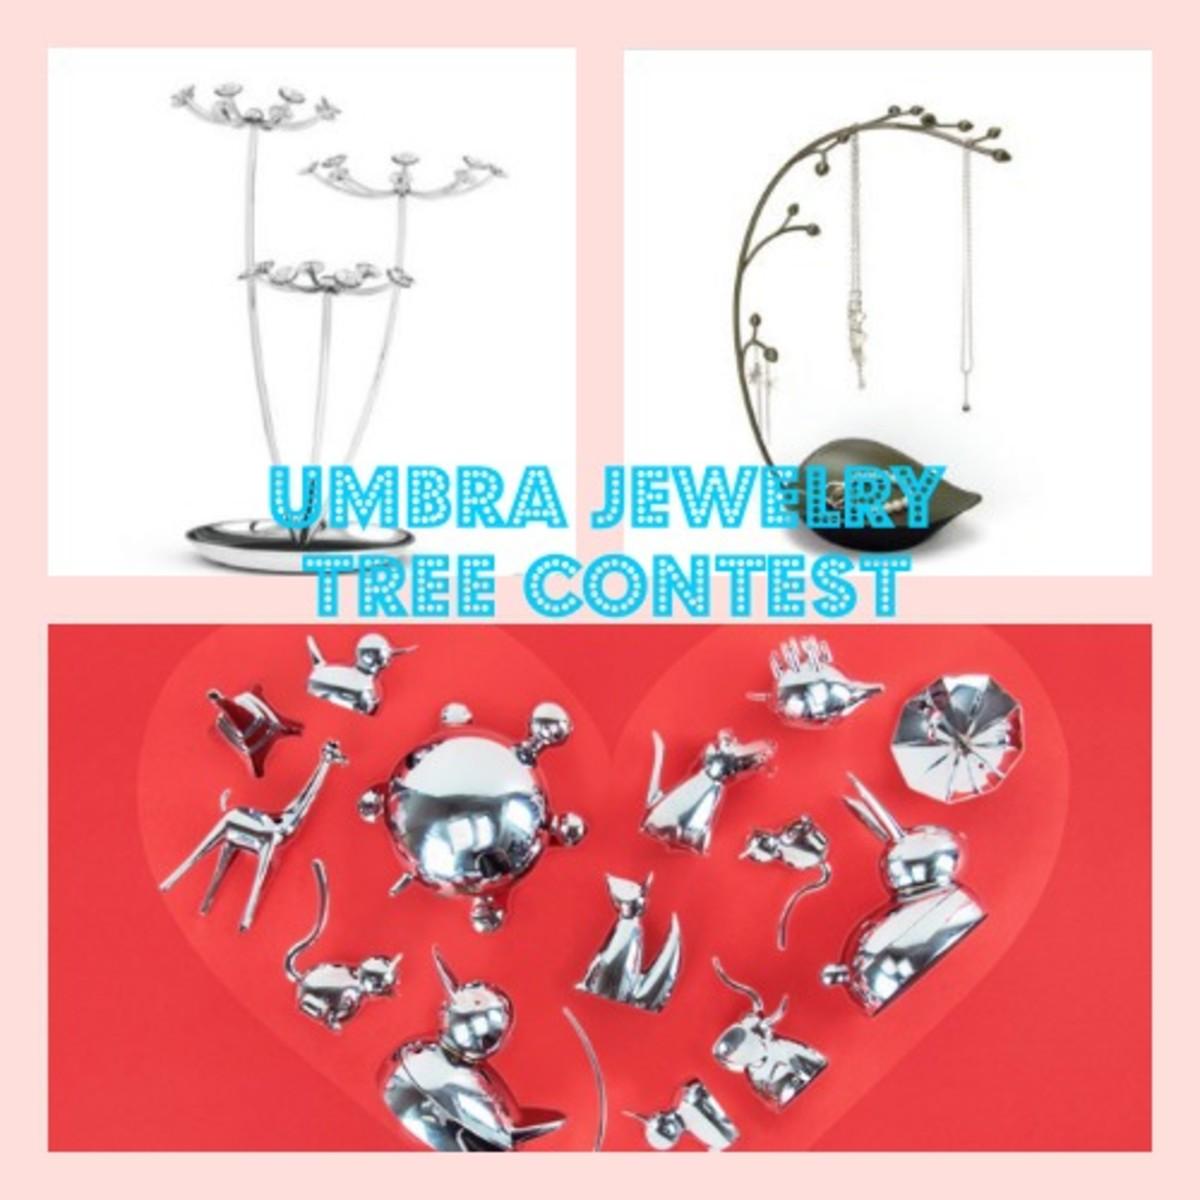 Umbra_contest